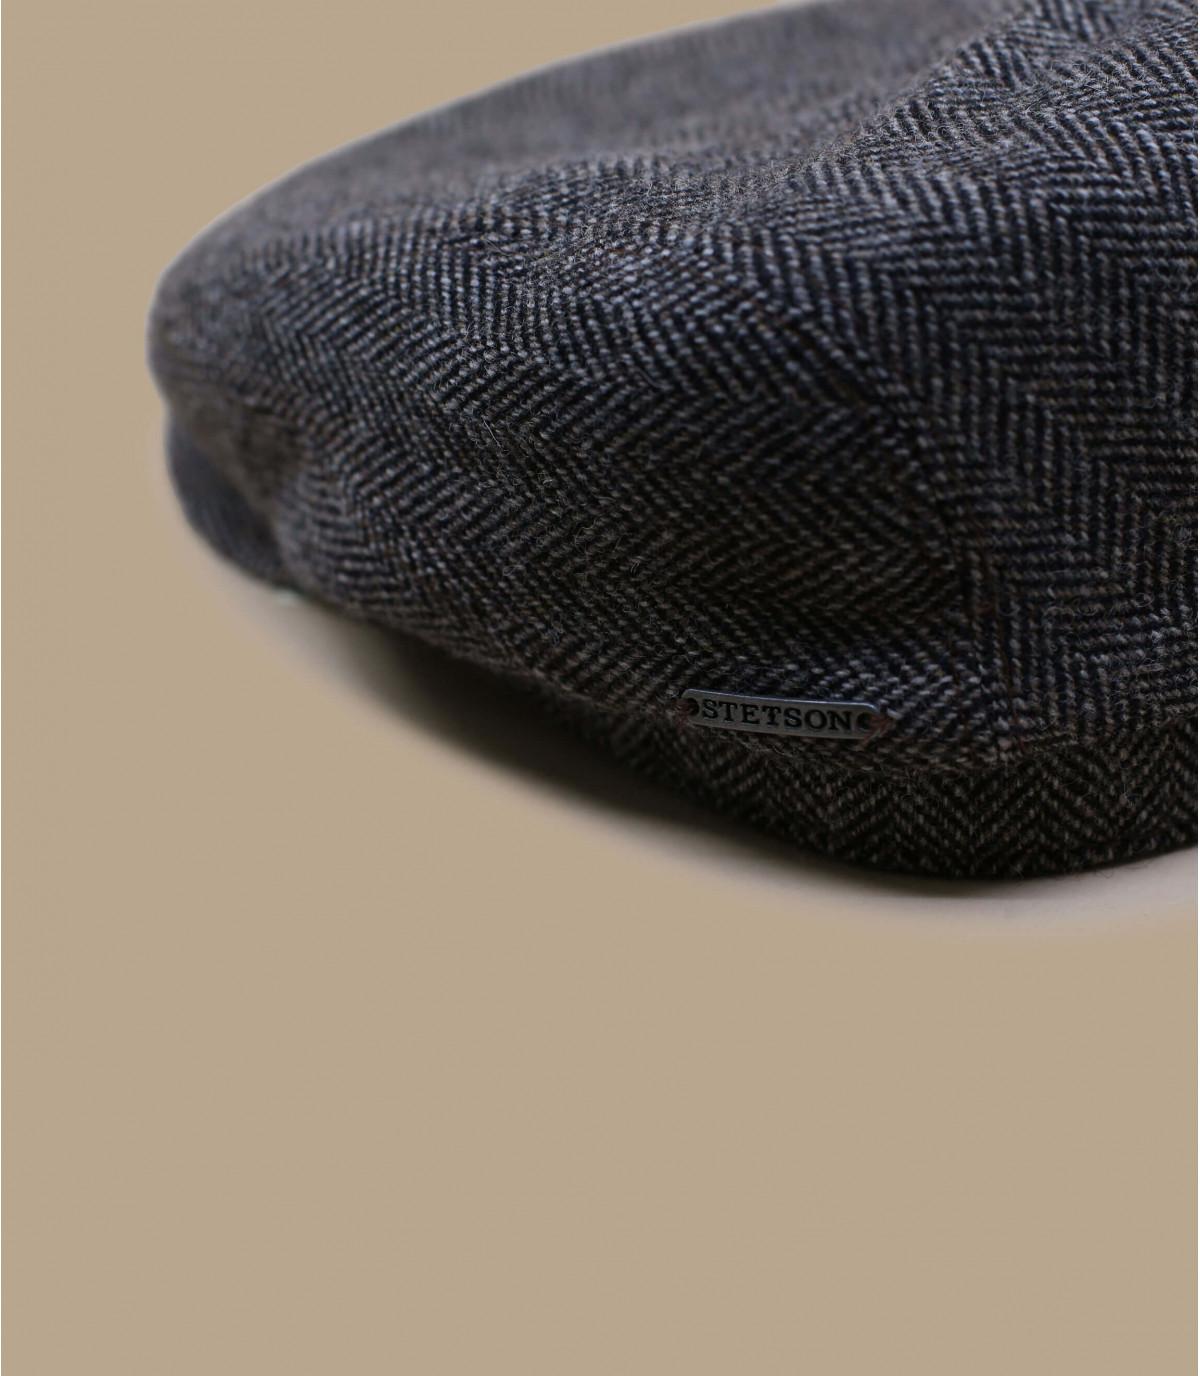 Dettagli Belfast woolrich grigio scuro - image 2